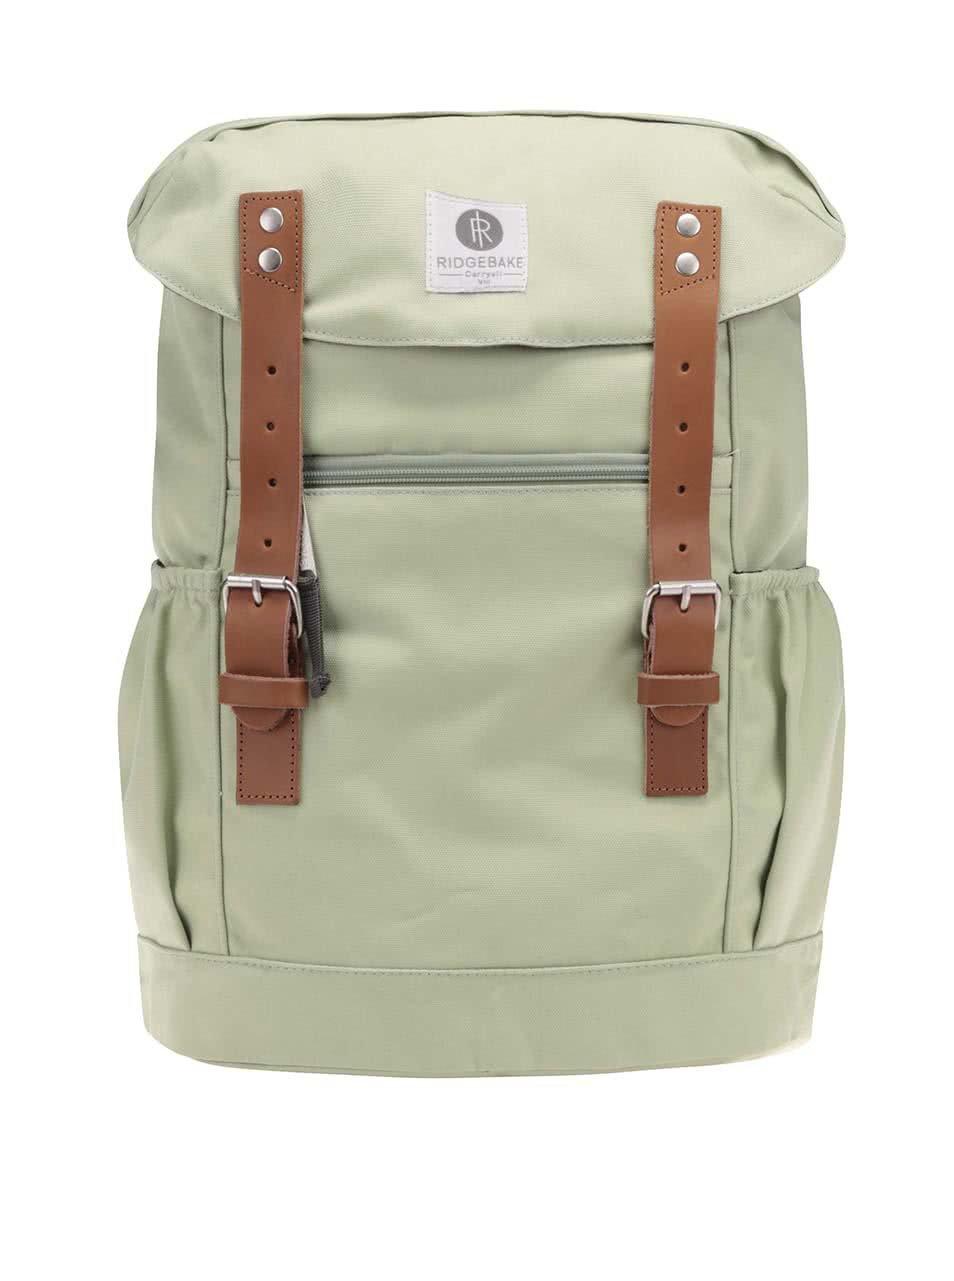 Světle zelený unisex batoh s hnědými přezkami Ridgebake Otone Canvas